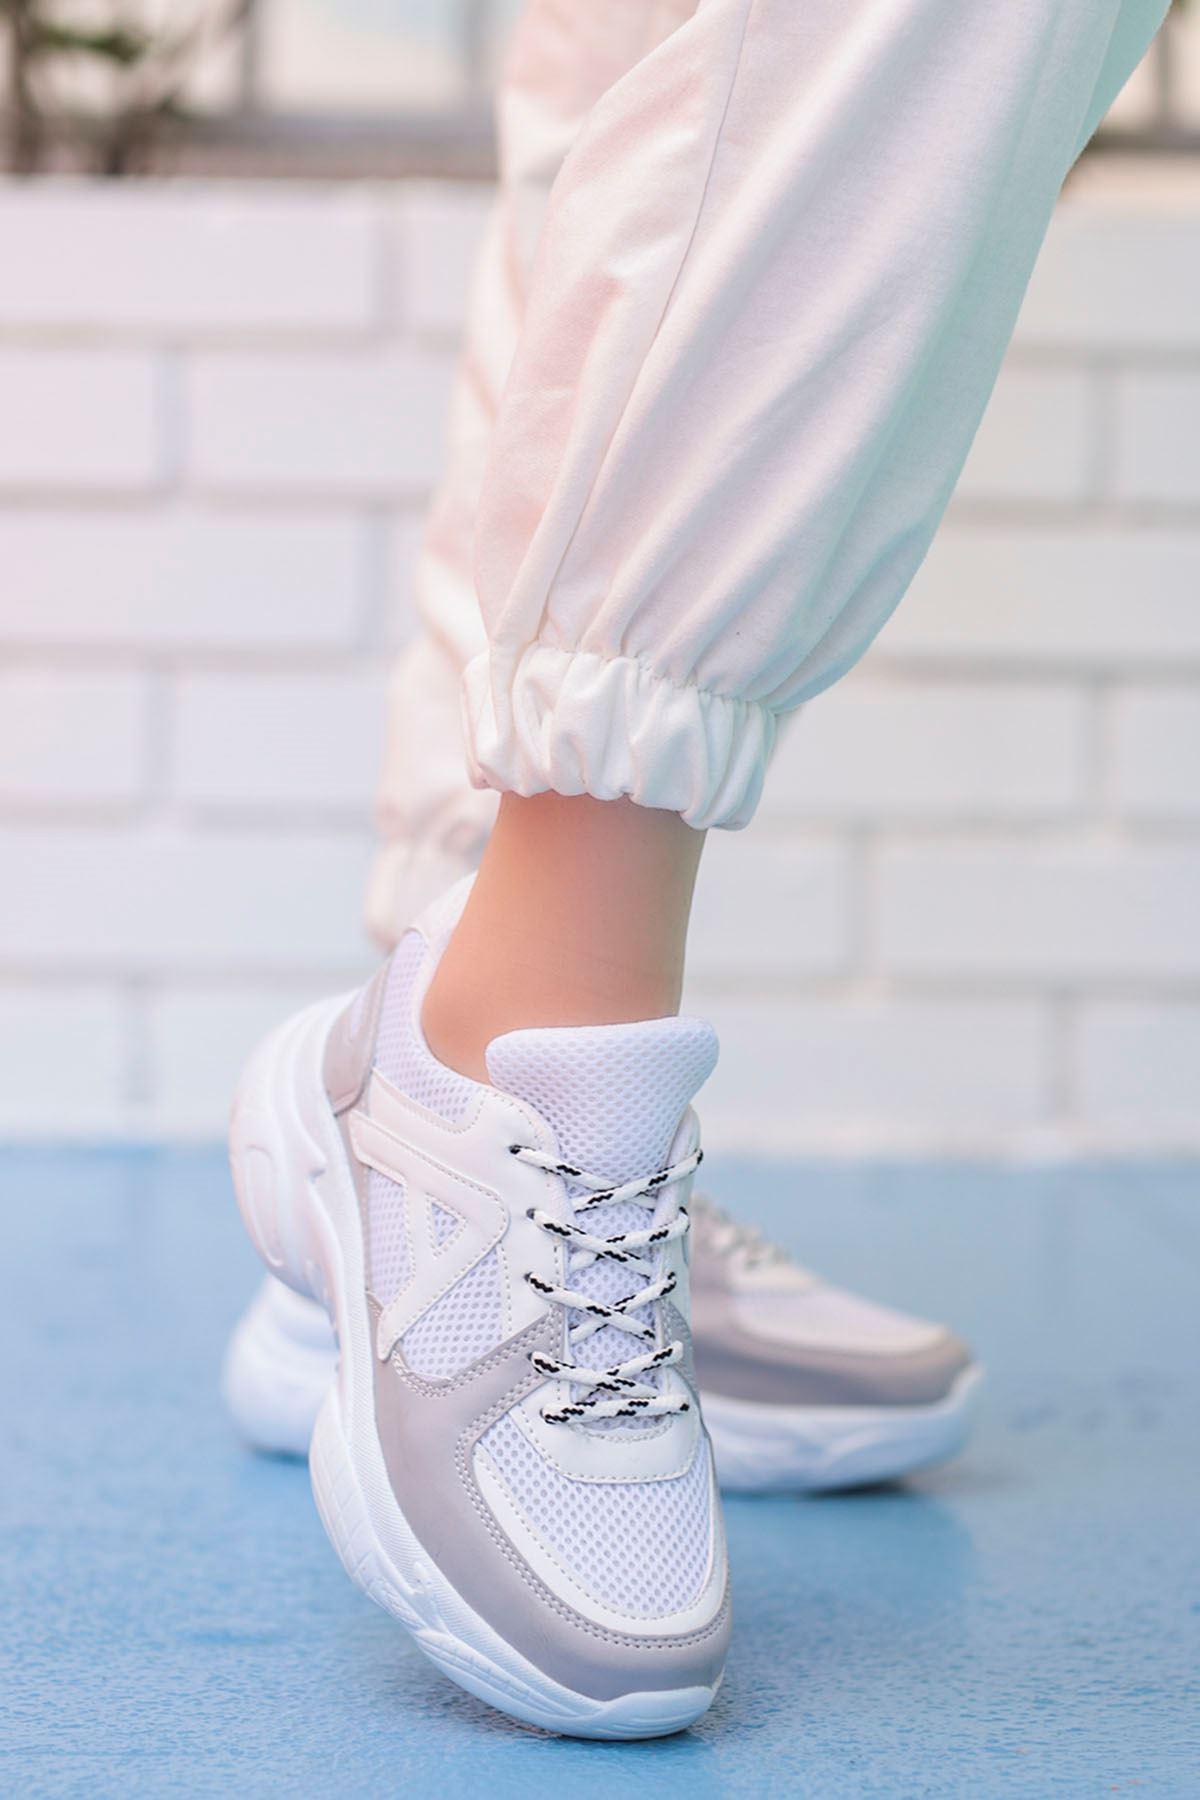 Afra A Detay Spor Ayakkabı Beyaz Gri Detay